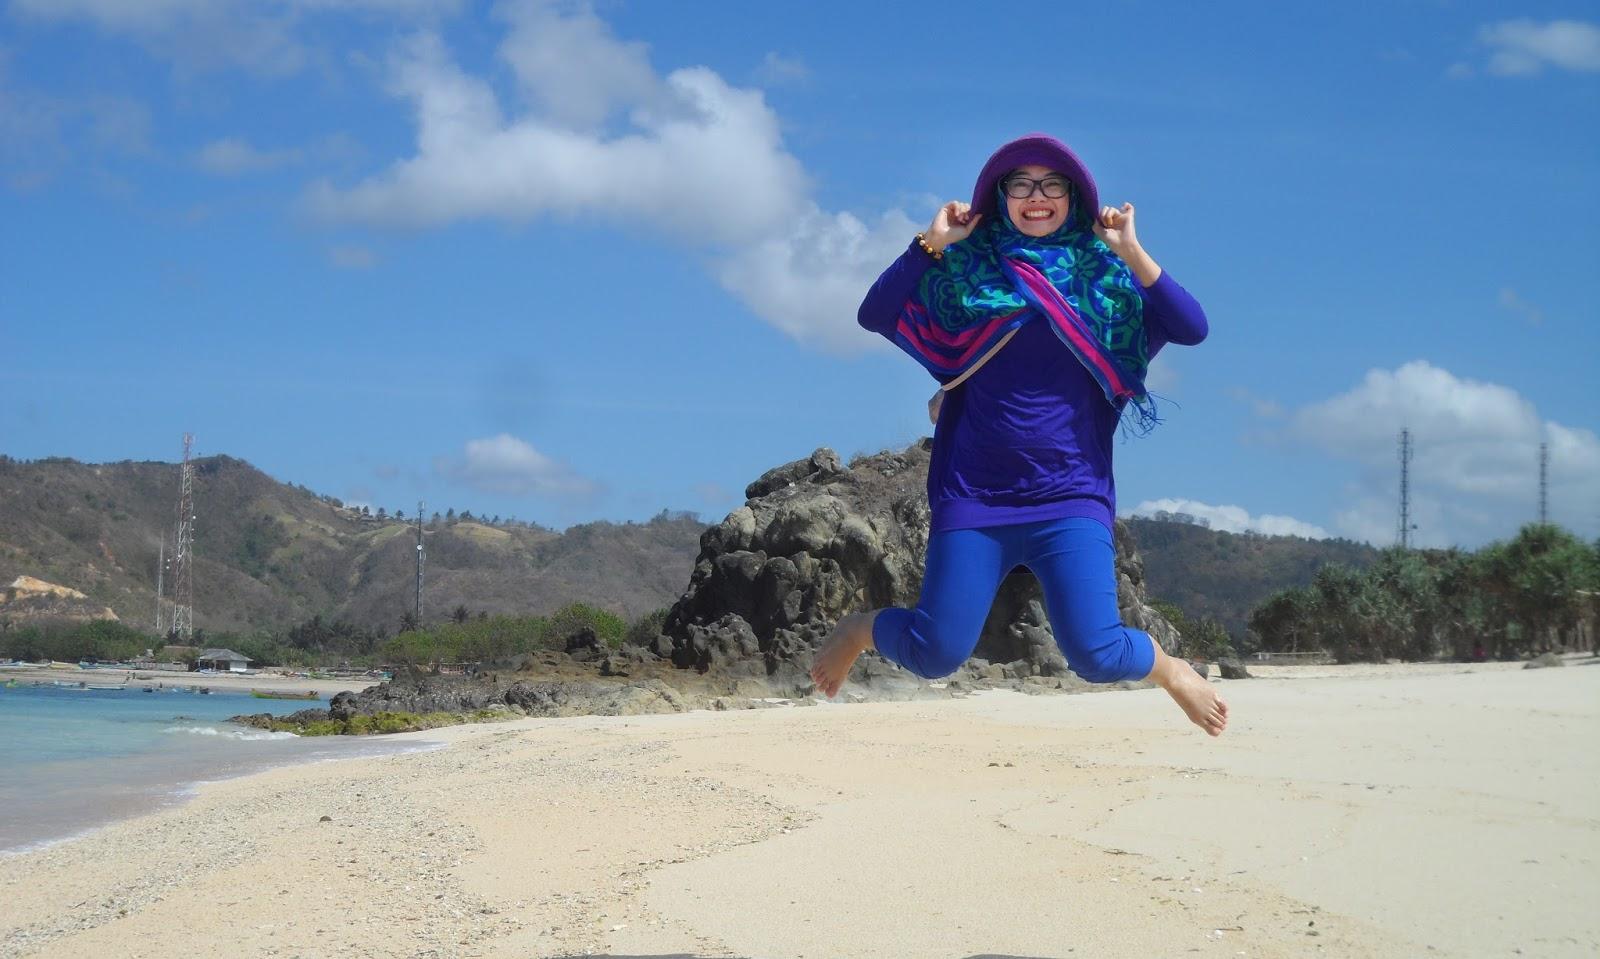 Legging Gelap cewek manis dan seksi pakai Lompat di pantai